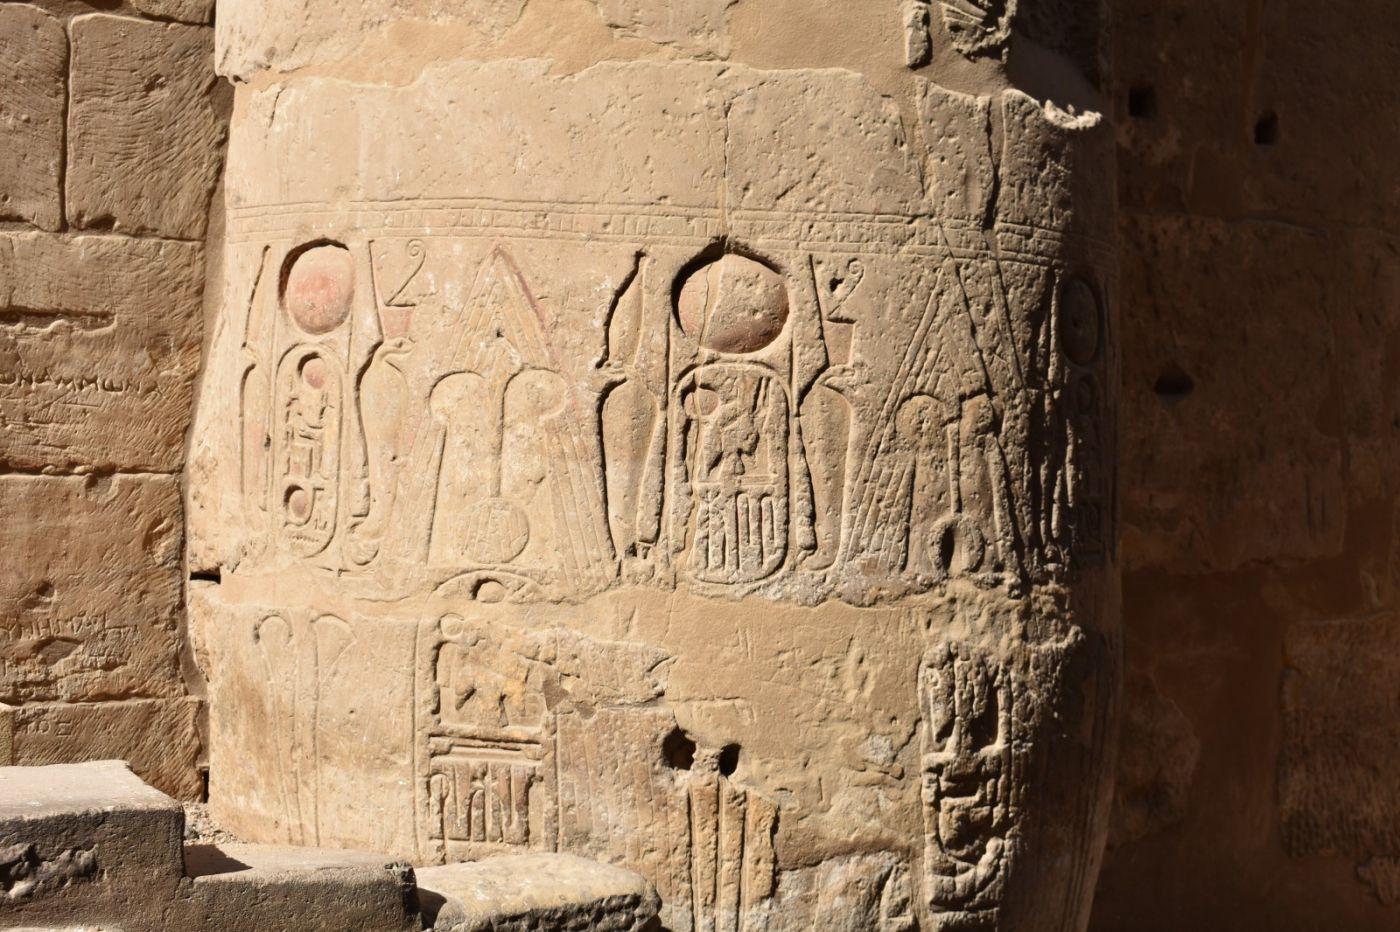 埃德富神庙和卢克索神庙_图1-39